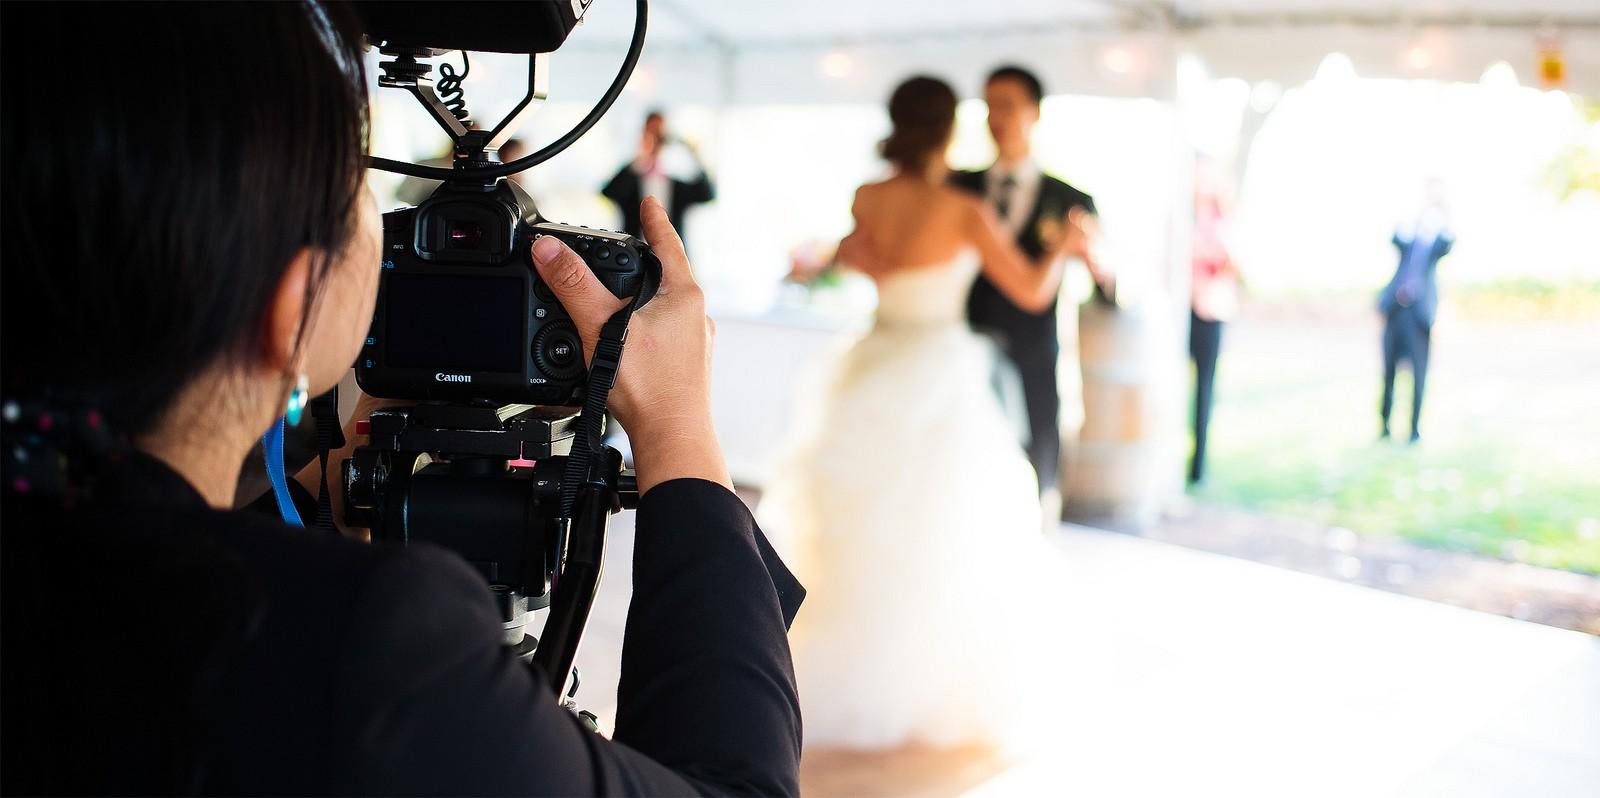 الفيديو في حفلات الزفاف